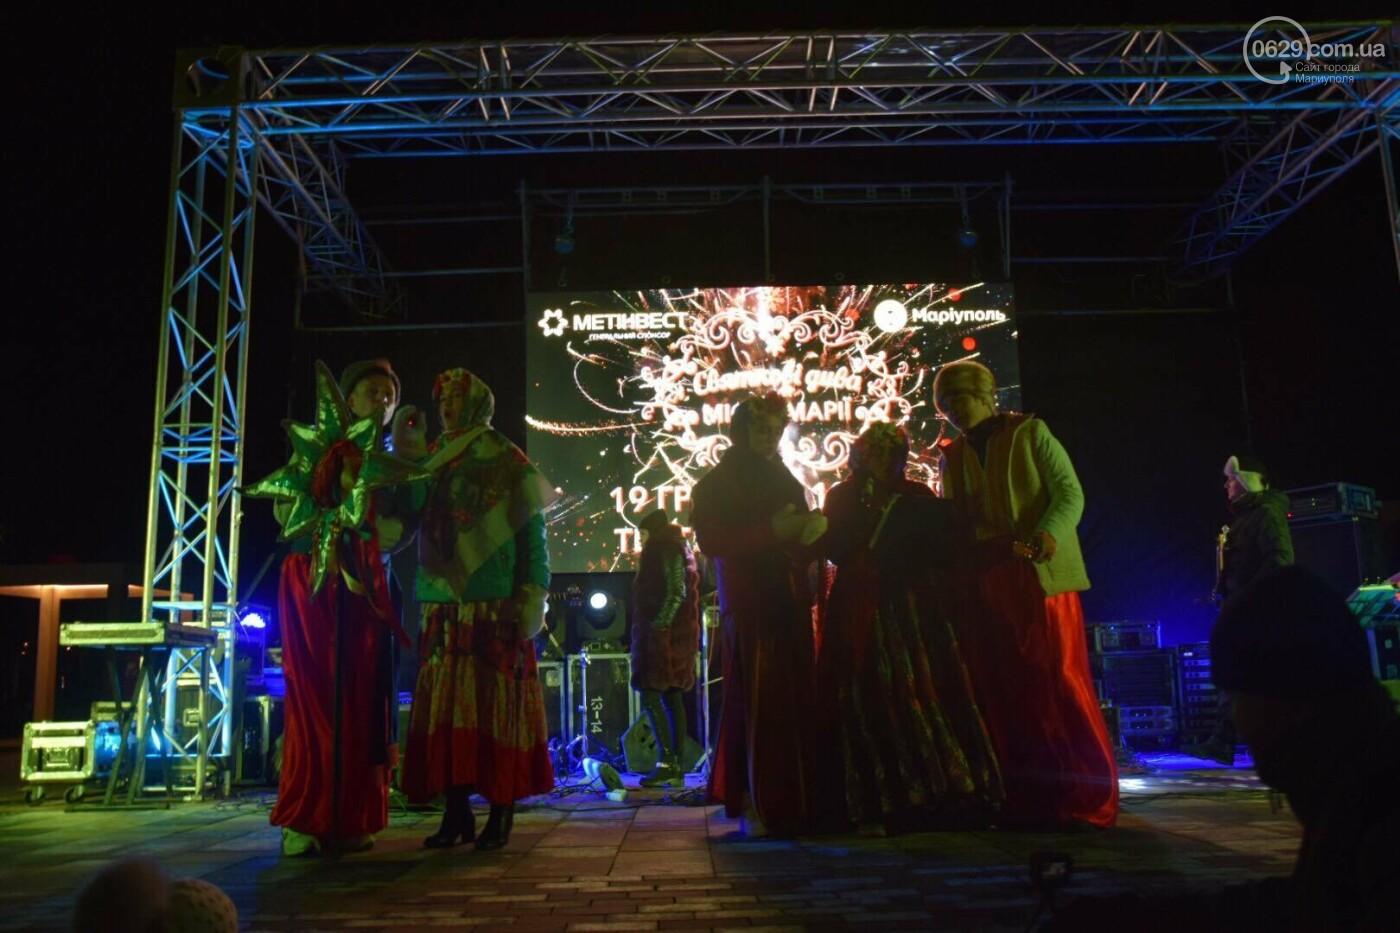 Мариупольцы отметили католическое Рождество, - ФОТО, ВИДЕО, фото-4